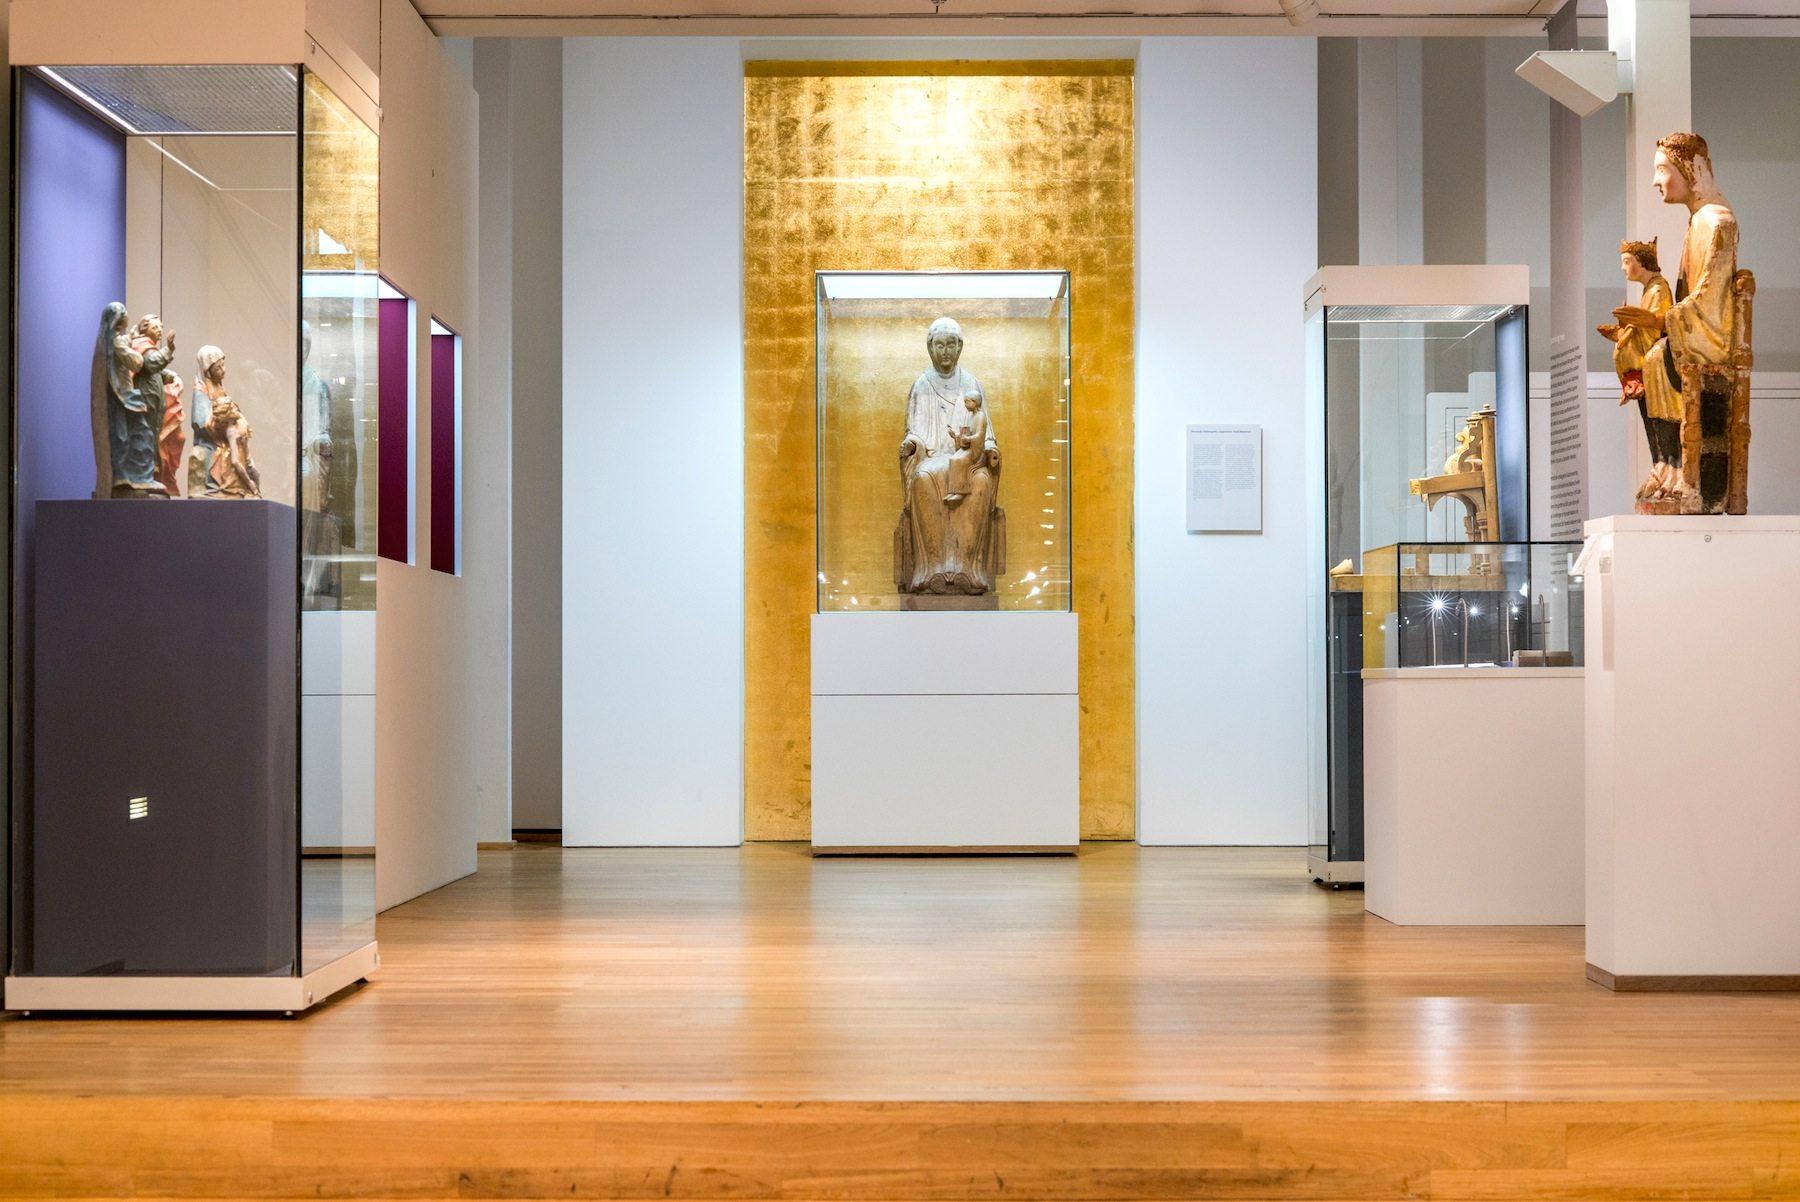 Die Madonna.  Die Skulpturensammlung umfasst neben mittelalterlichen Werken auch herausragende Beispiele westfälischer Barockskulptur wie den Liborischrein von 1627 aus dem Paderborner Dom. Sicherlich die bedeutendste Skulptur ist die vom Paderborner Bischof Imad gestiftete und nach ihm benannte Imad-Madonna (1051–1058, im Bild), eine der ältesten Darstellungen der thronenden Madonna in der abendländischen Kunst.